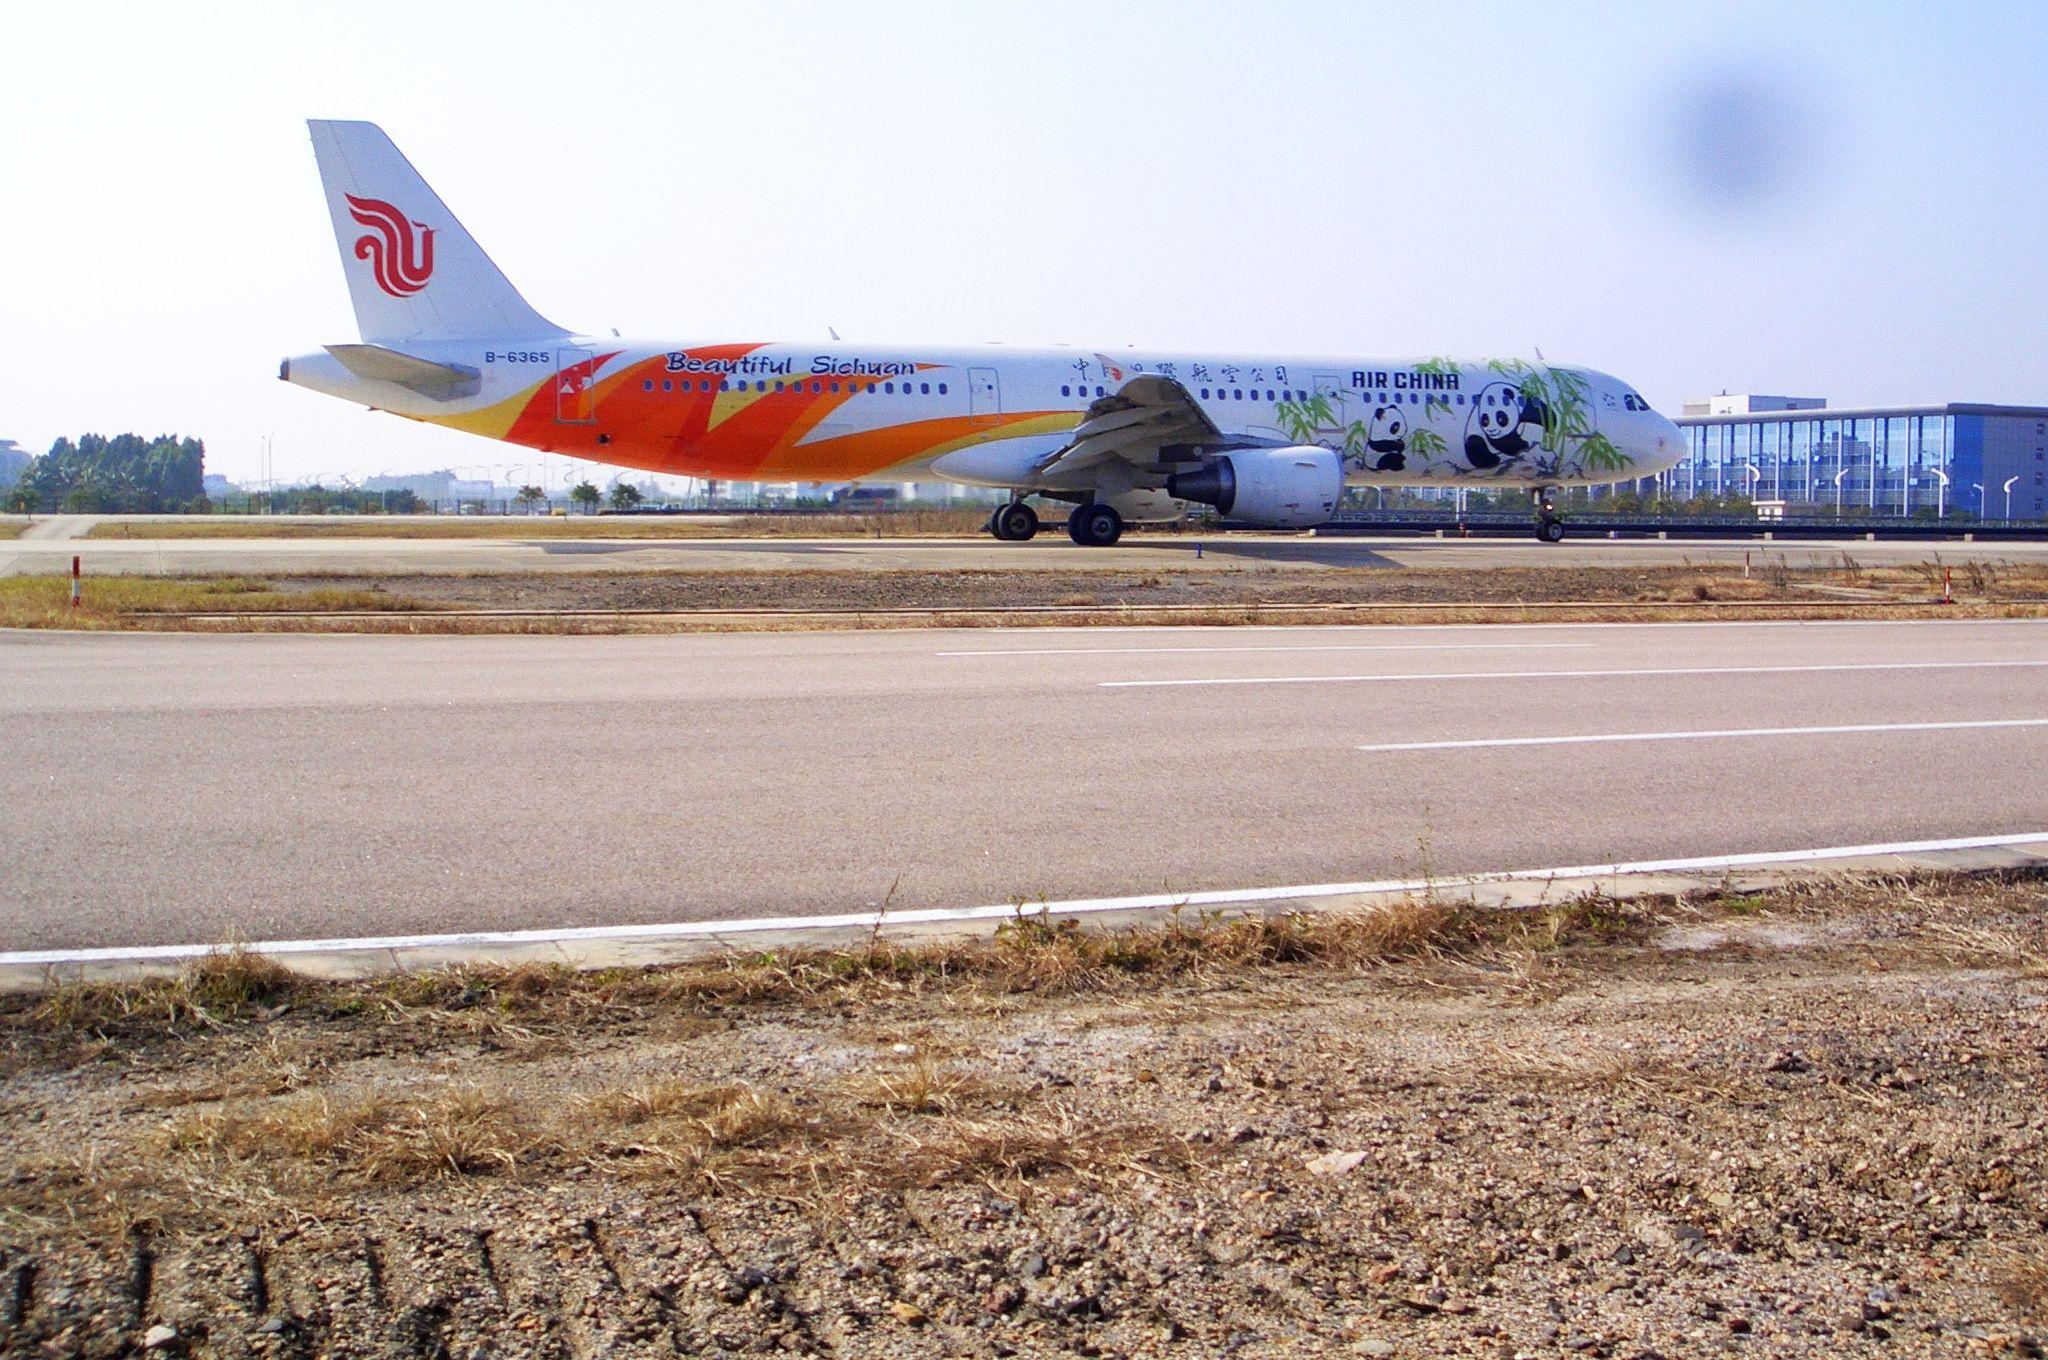 Re:[原创]恢复信心后的第一次发帖,09年第一次活动 AIRBUS A321-213 B-6365 中国广州白云机场